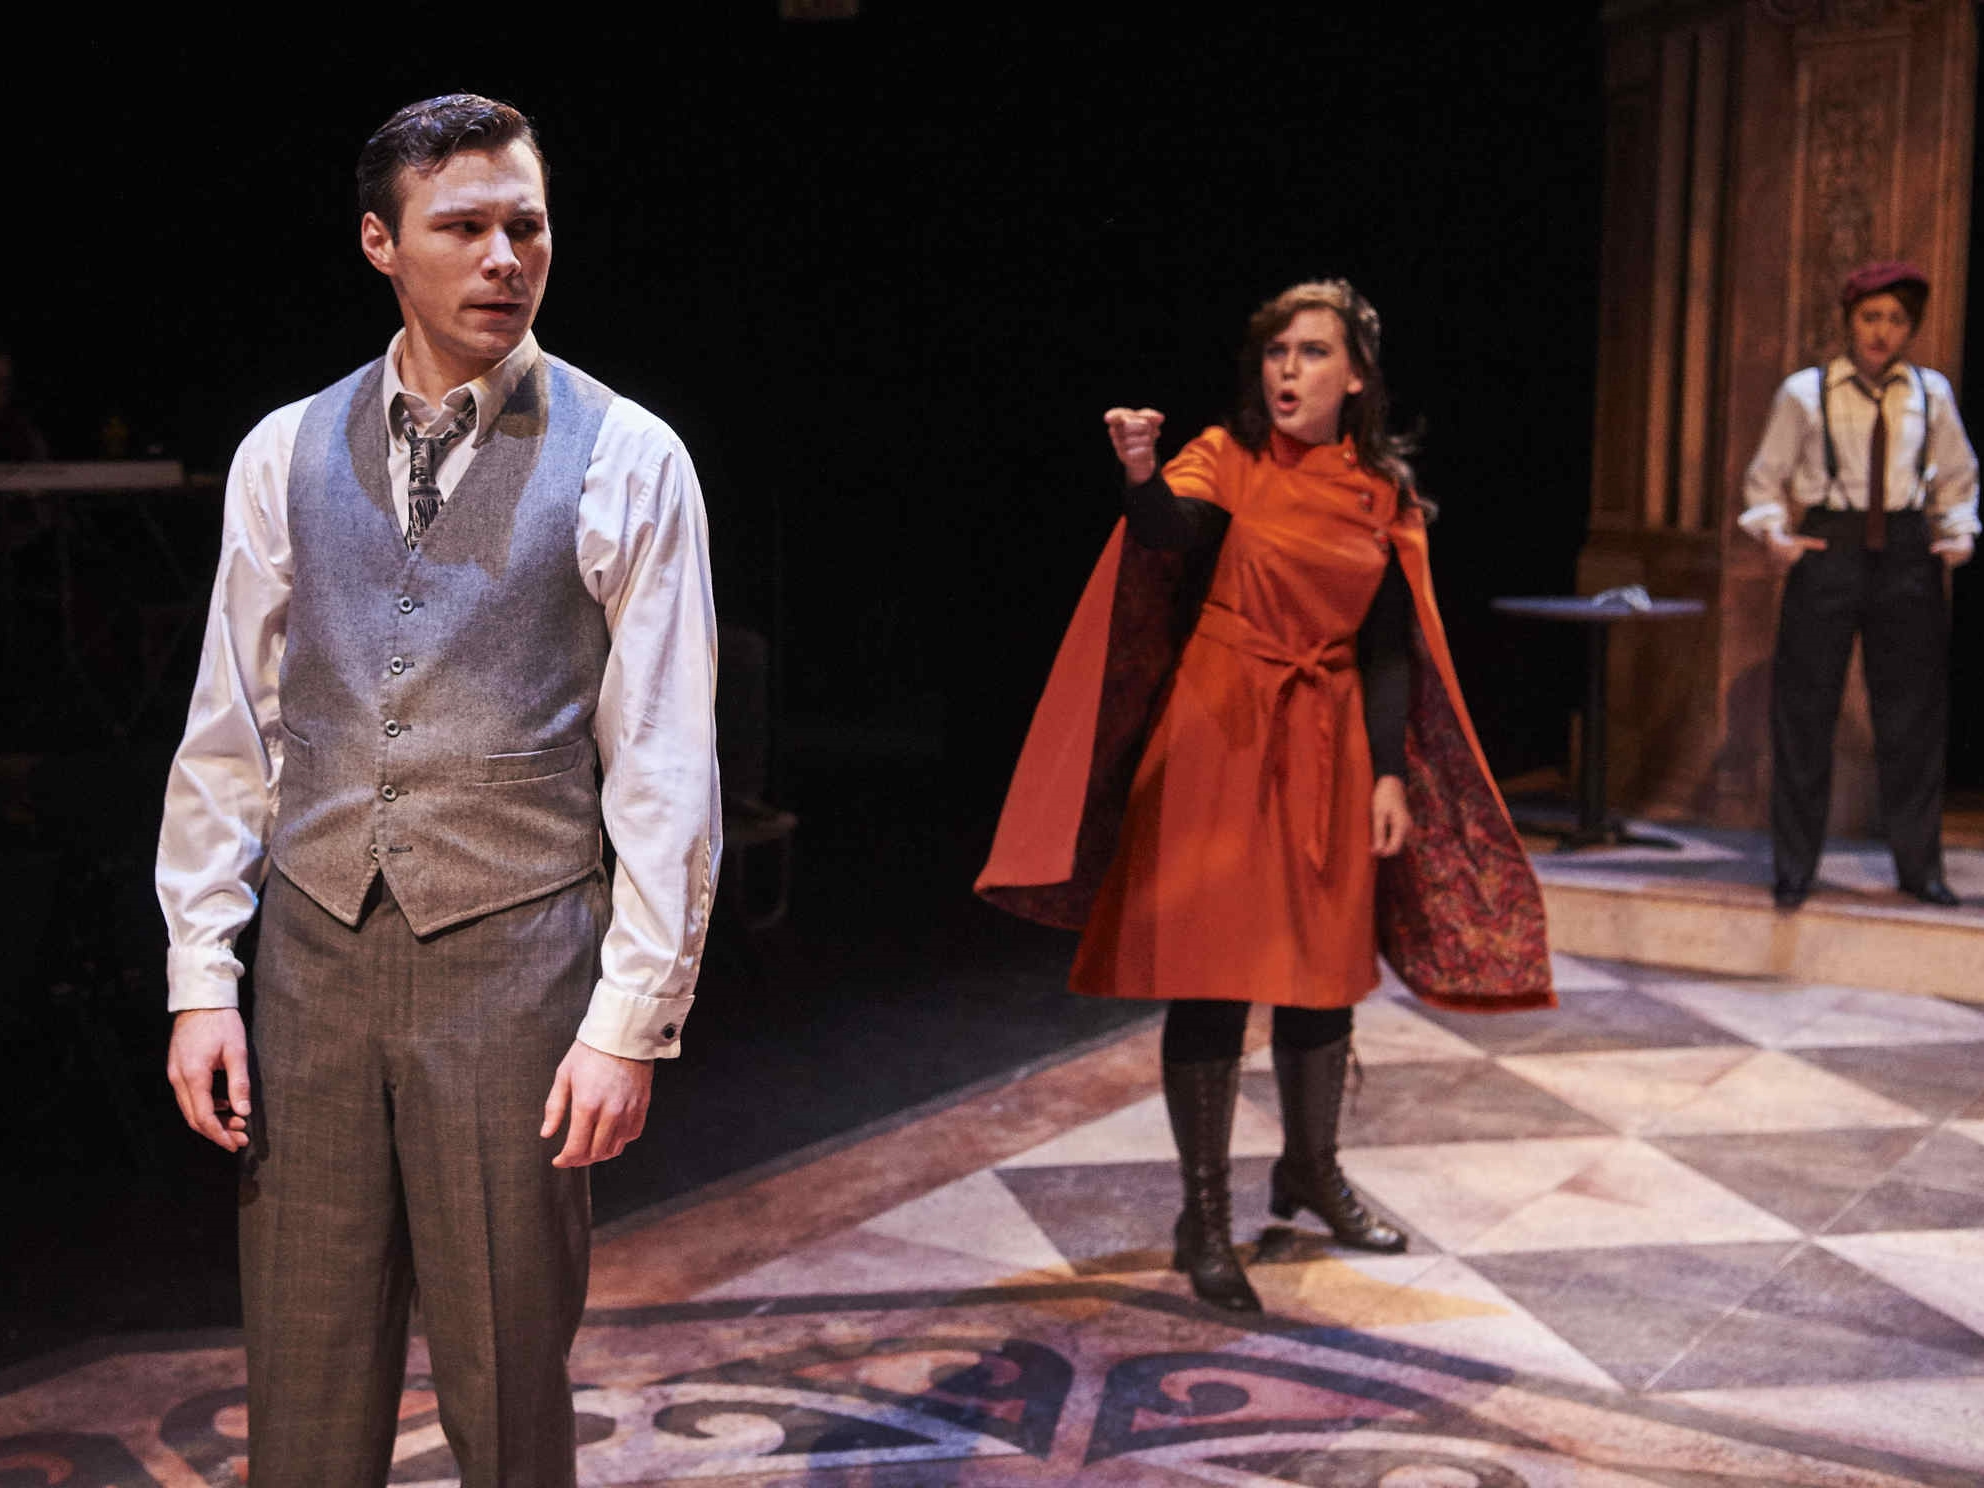 The Two Gentlemen of Verona*